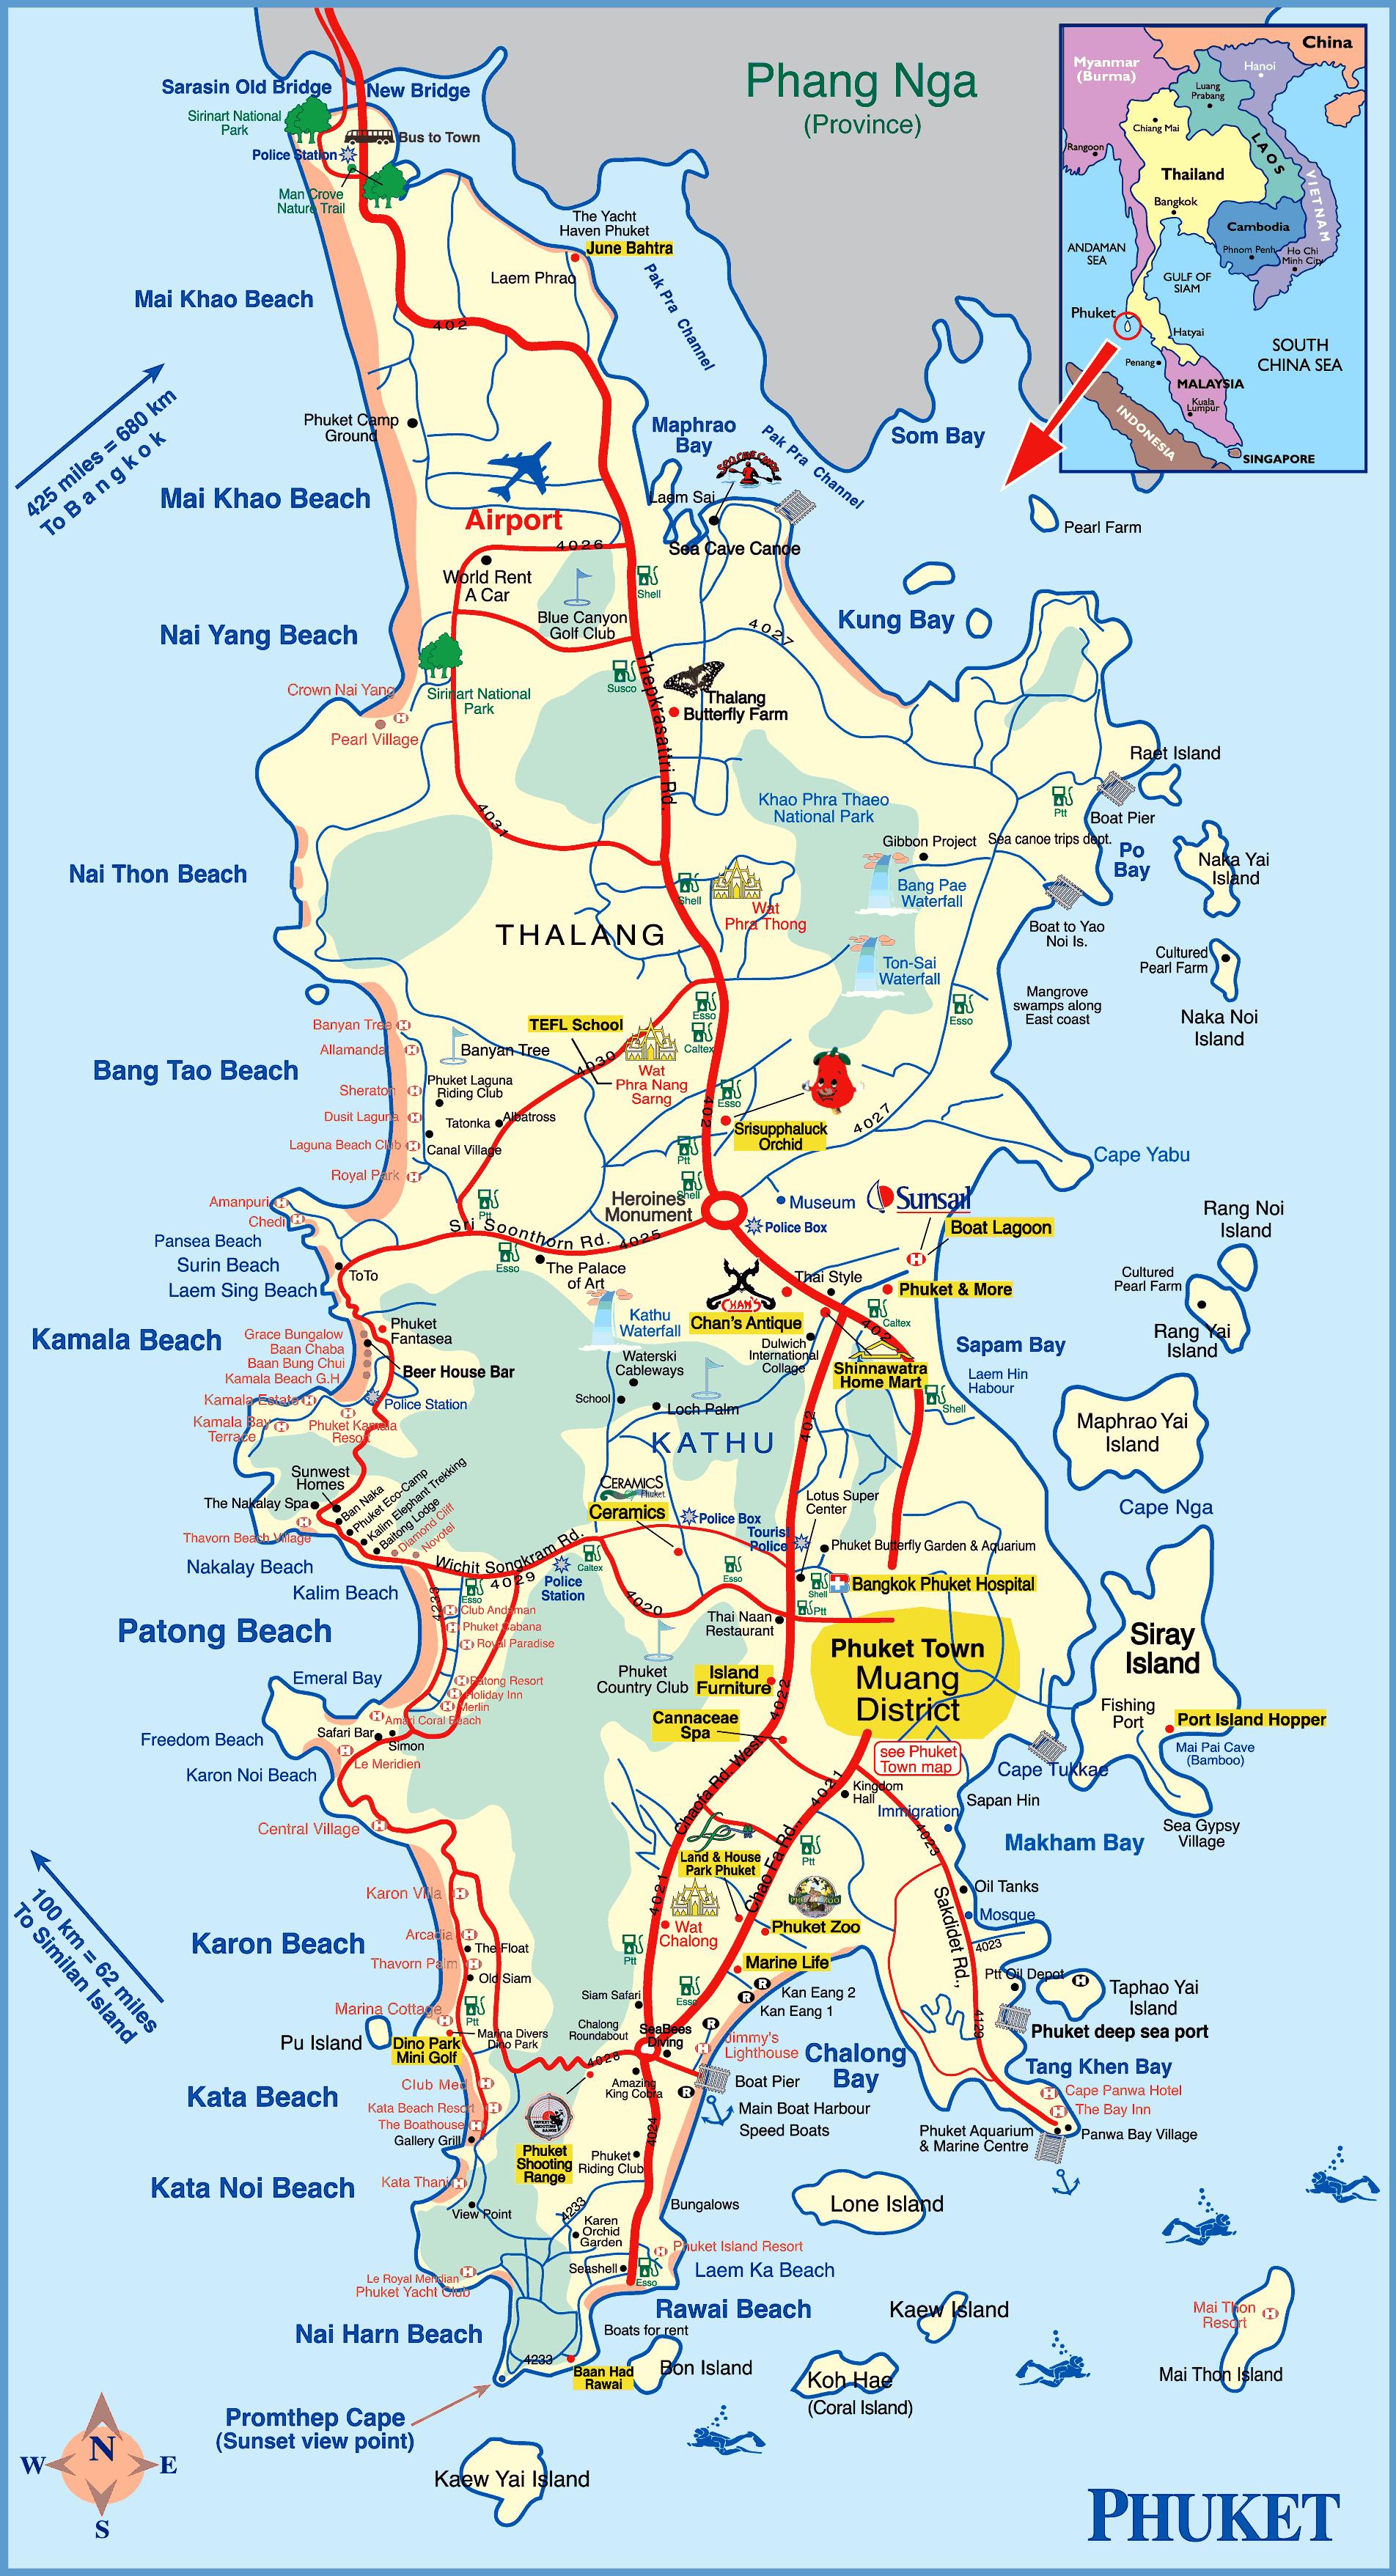 Phuket Island Map | Thailande carte, Phuket thaïlande, Phuket